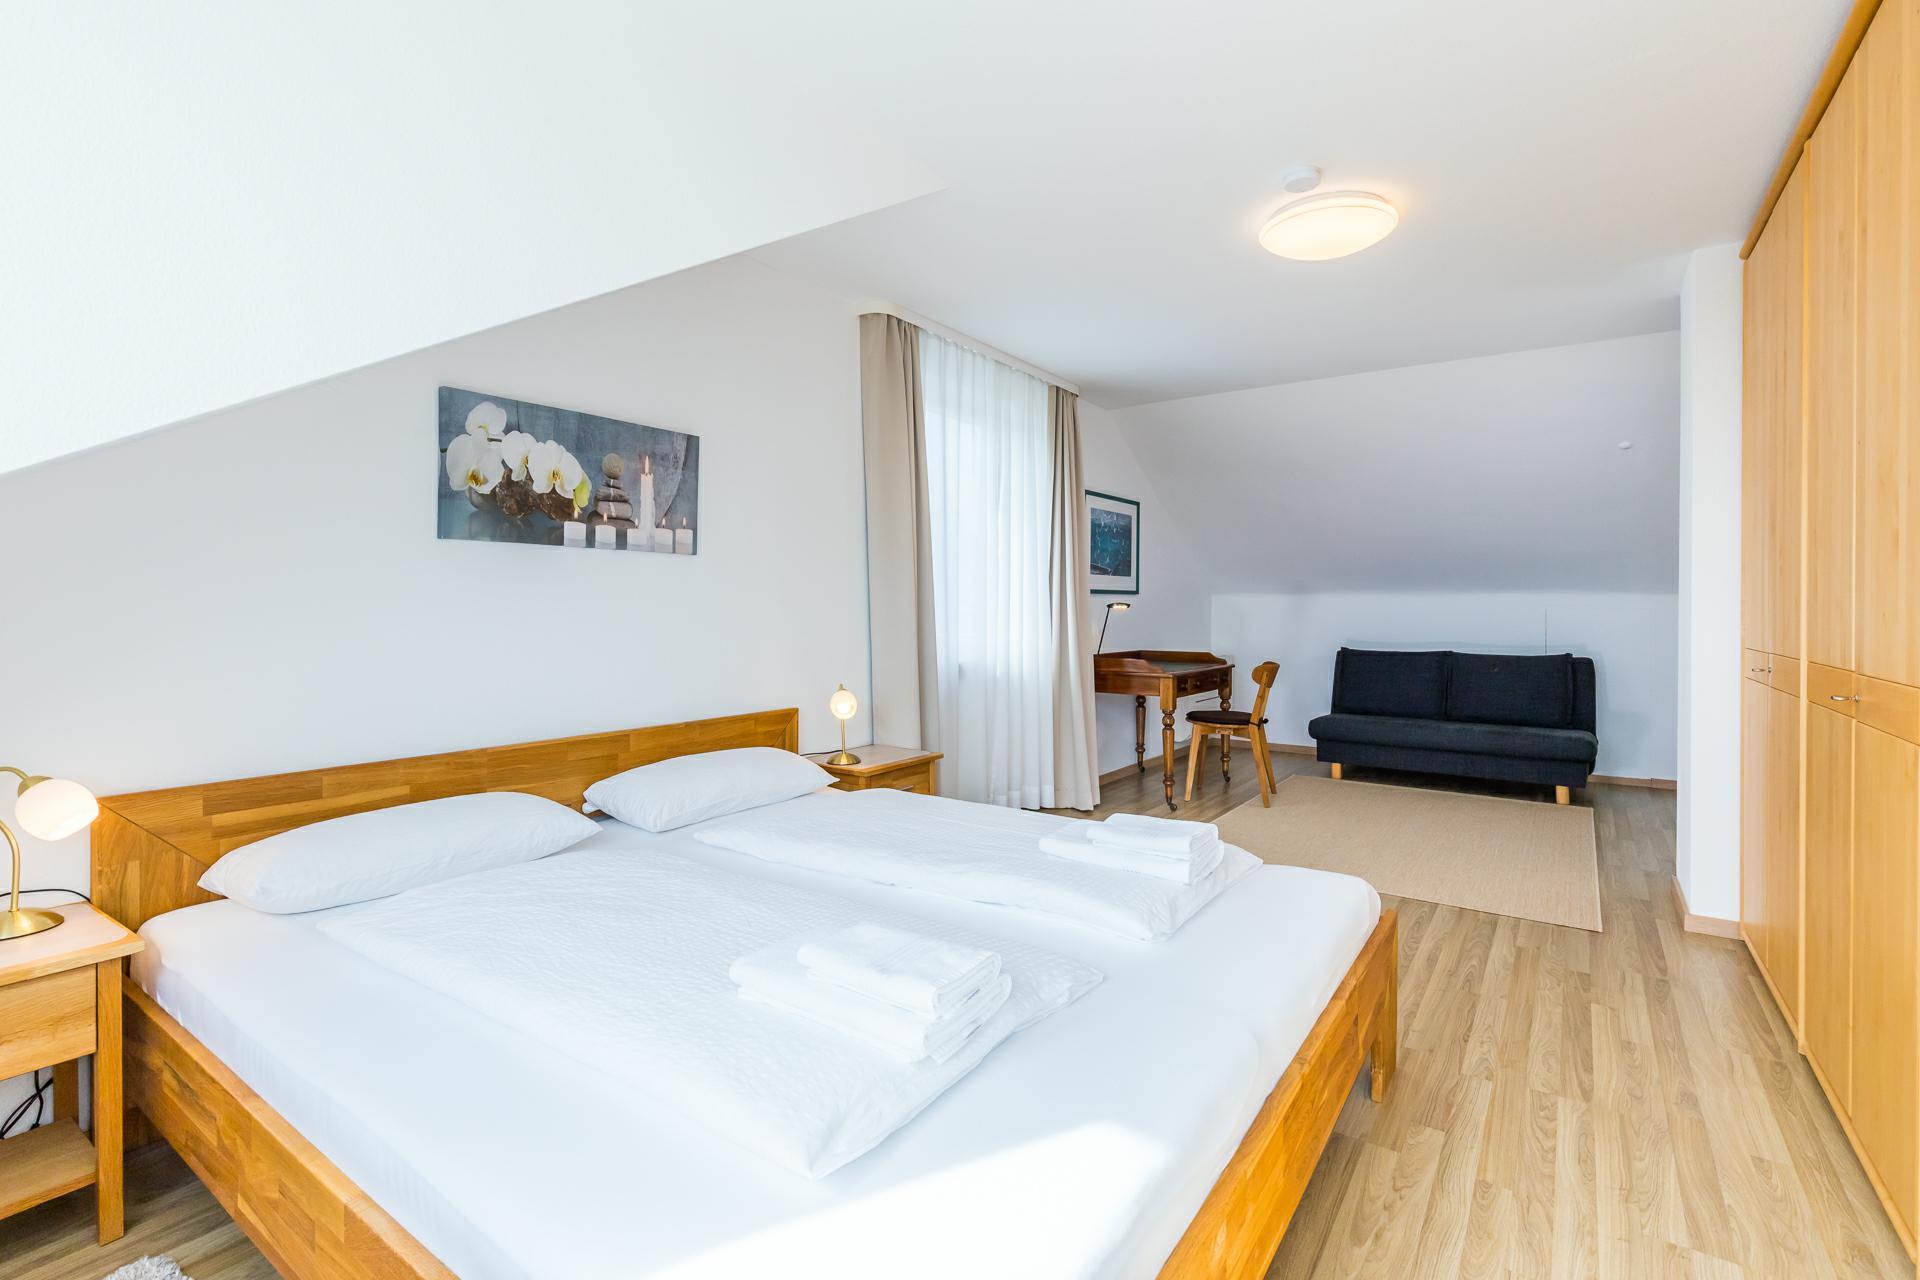 großes Schlafzimmer mit zusätzlicher Schlafcouch